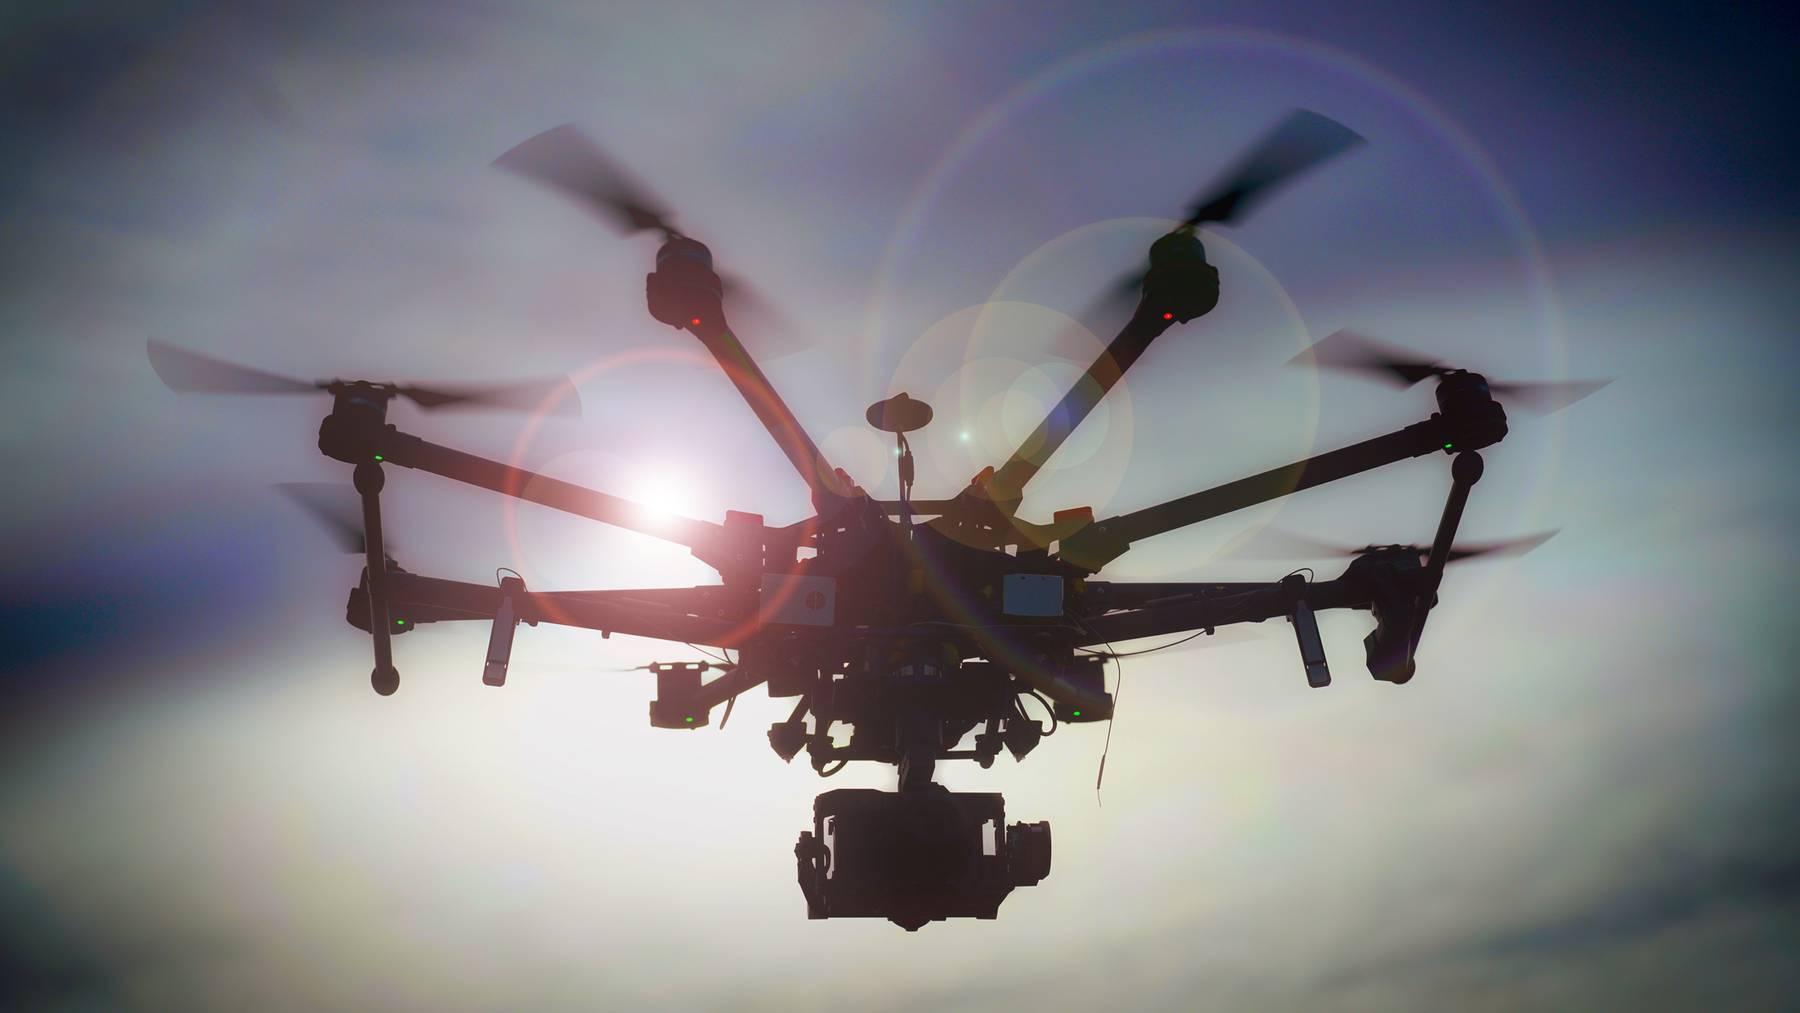 Eine Churer Firma verkauft Netzpistolen, mit denen Drohnen abgeschossen werden können. (Symbolbild)